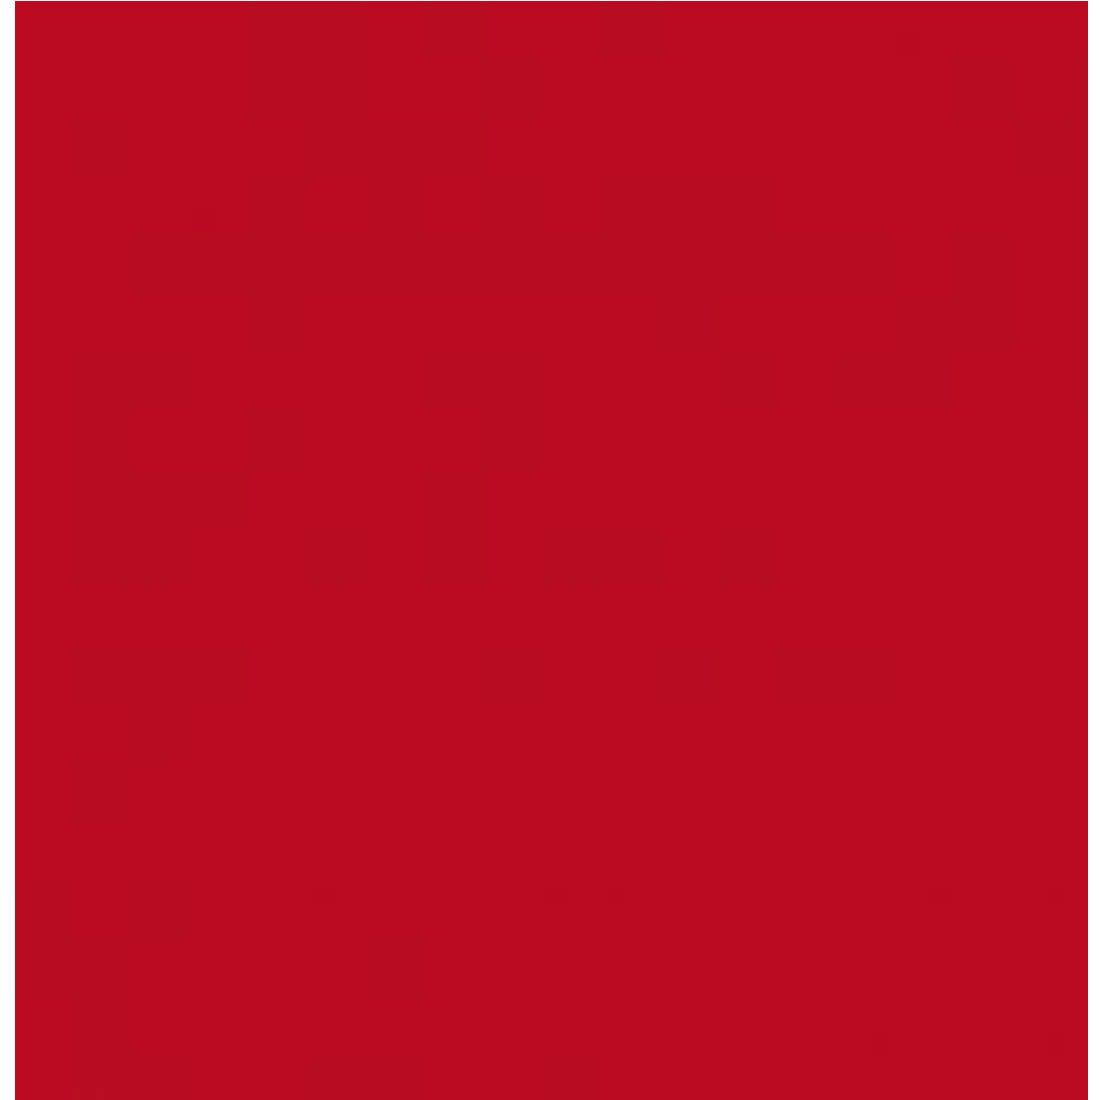 Pastilha Tecnogres 10 x 10 Vermelho Brilhante Ref BR10110